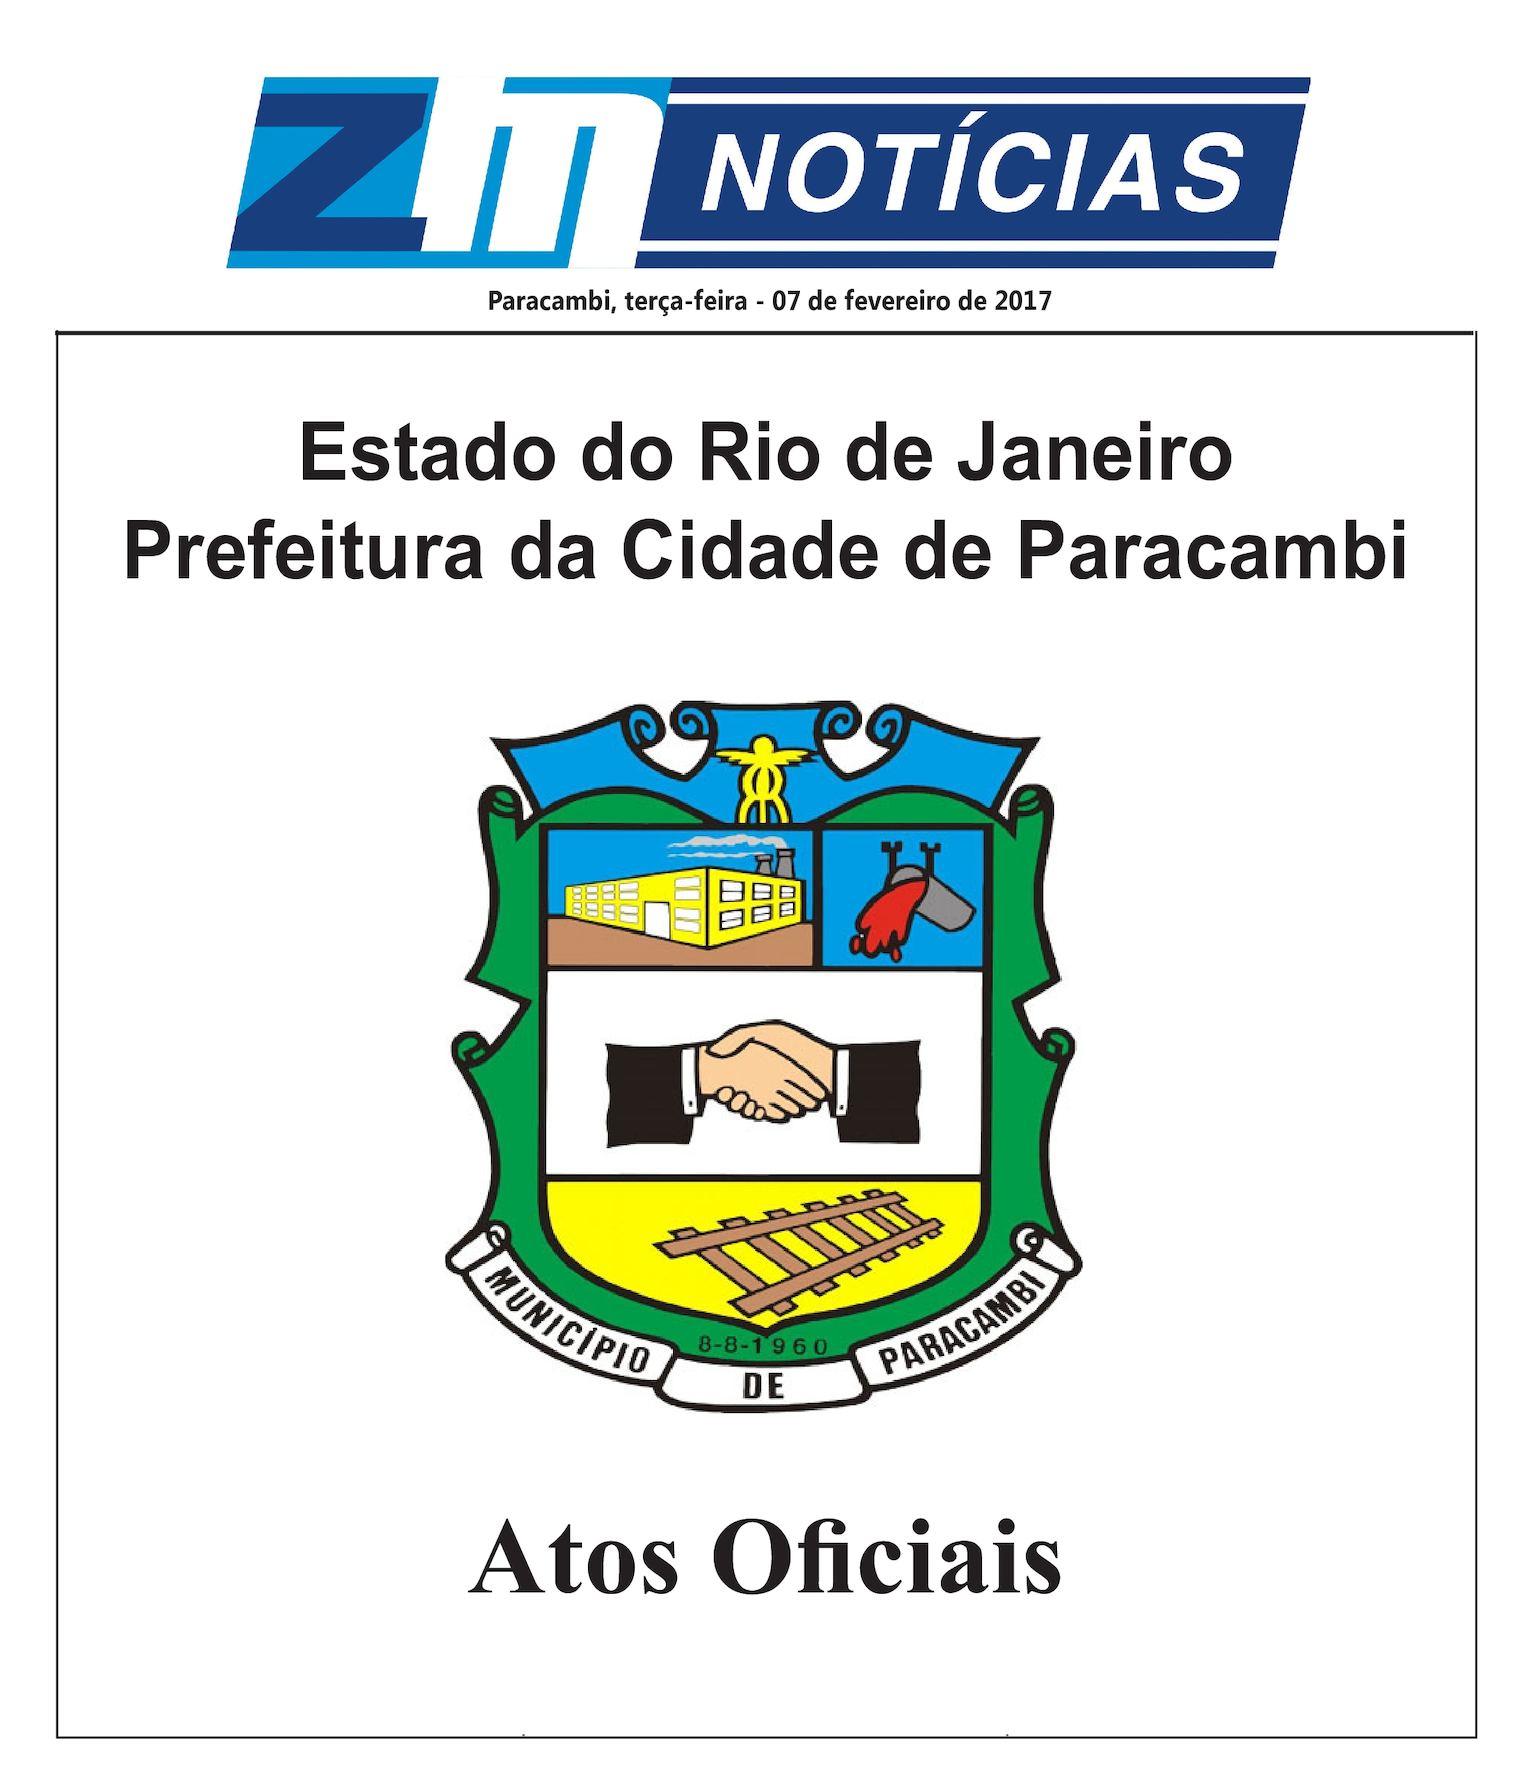 P M P Atos Oficiais 070217